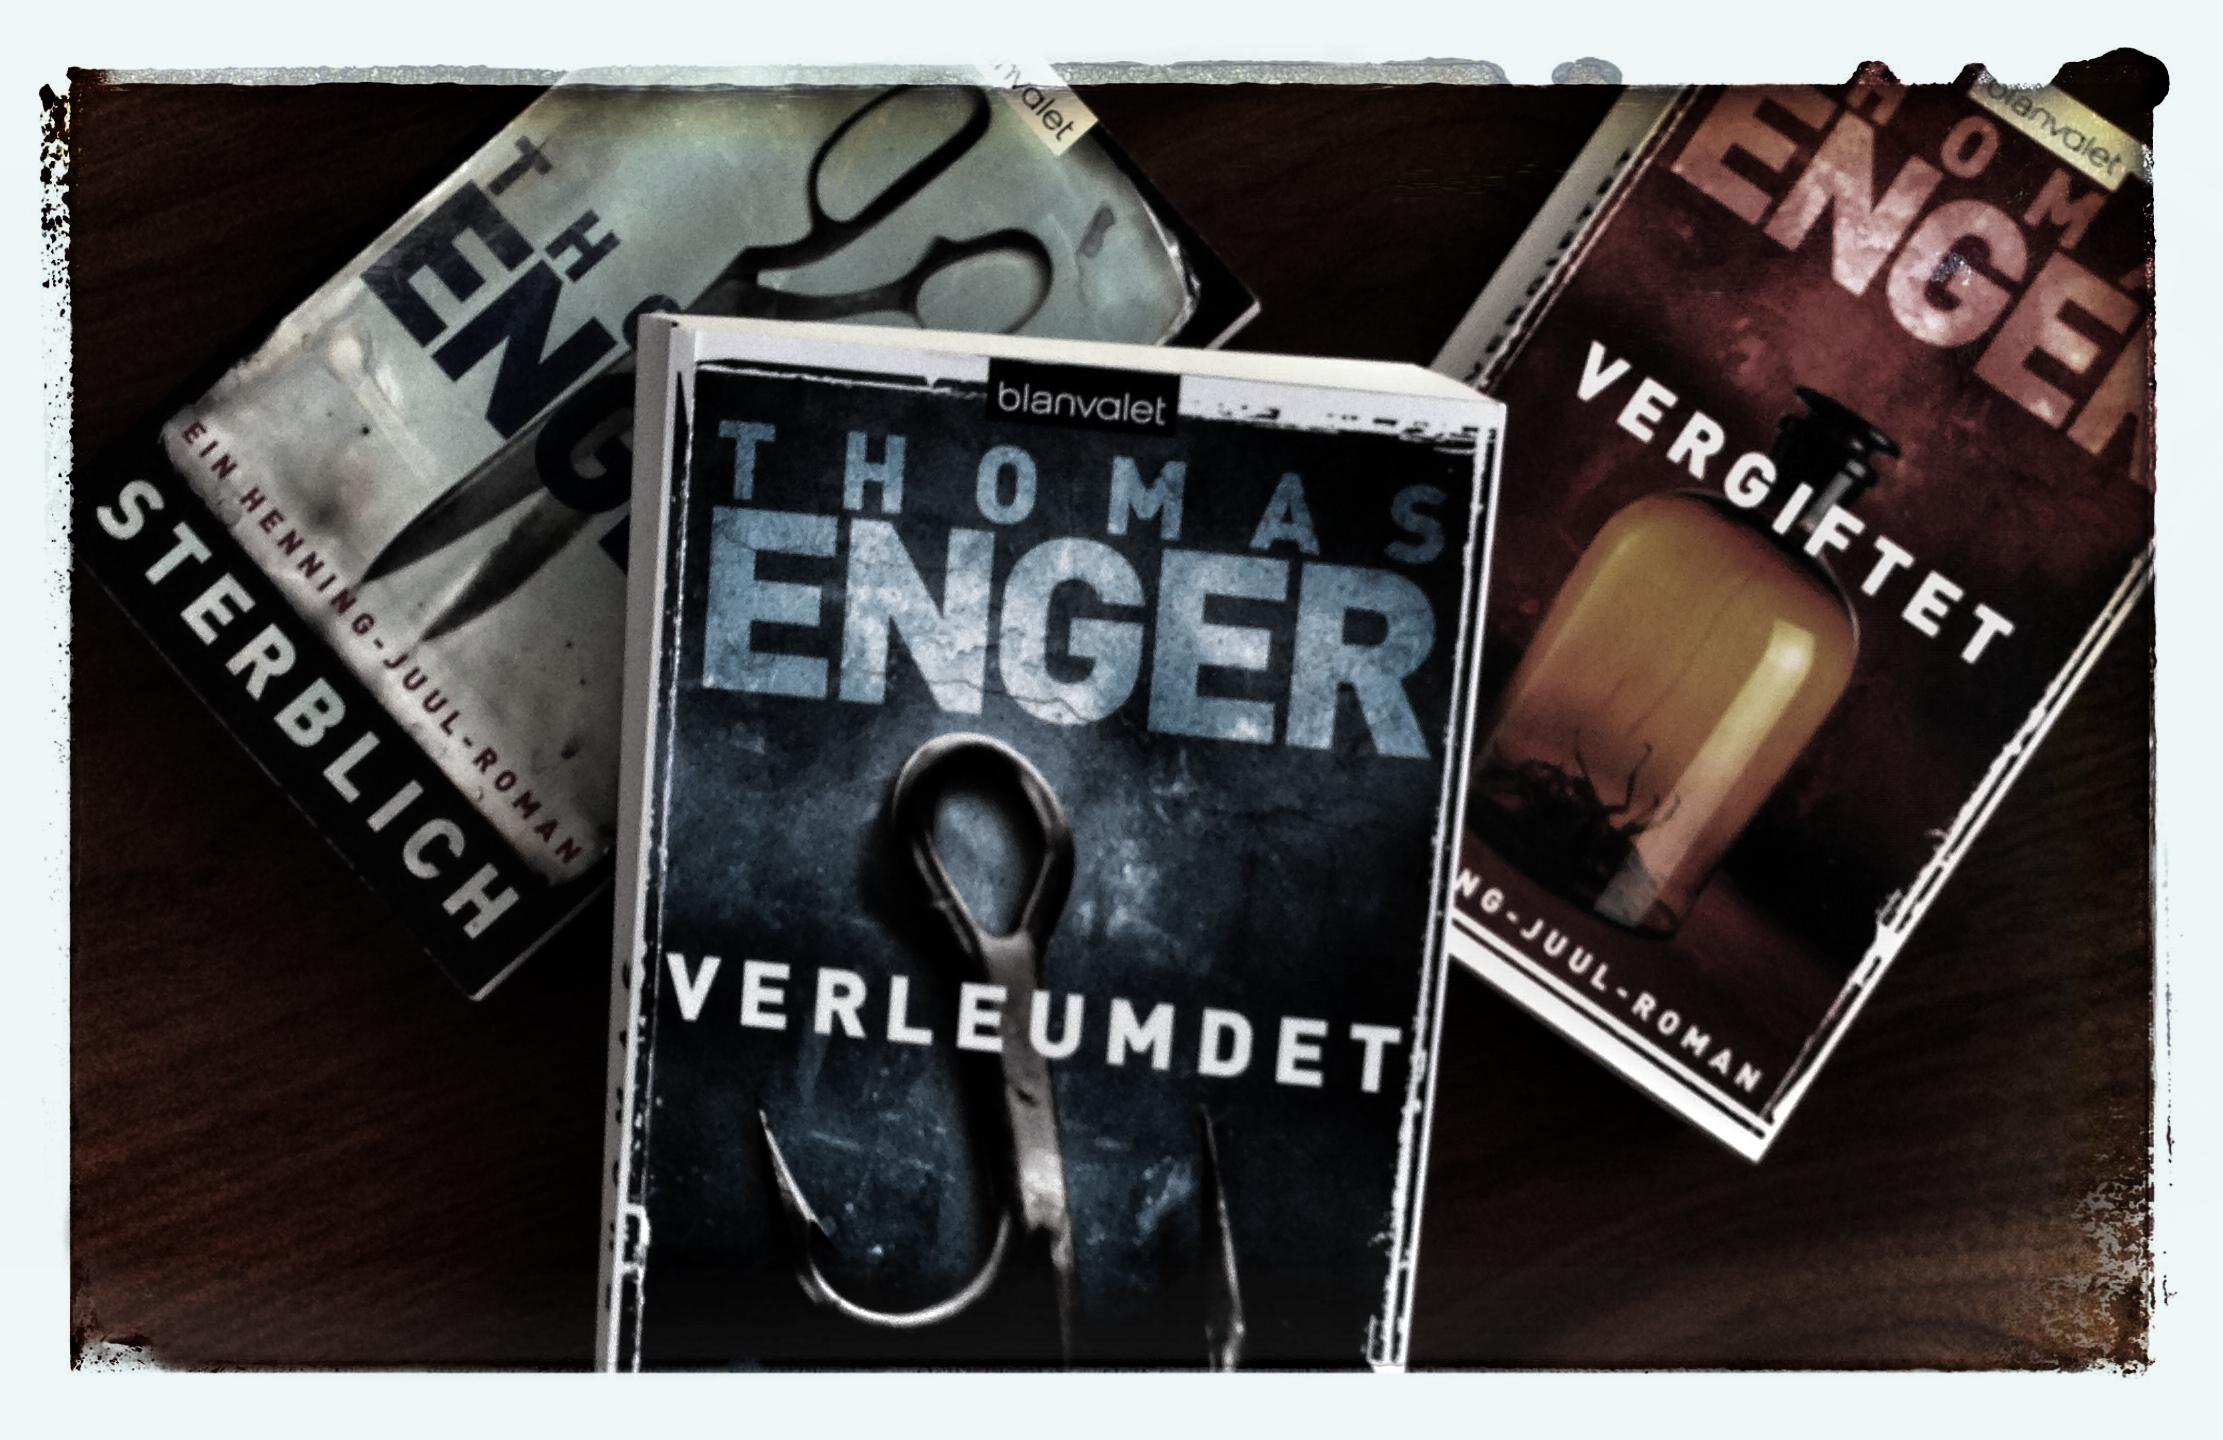 Die drei bisher erschienenen Bände der Henning-Juul-Reihe von Thomas Enger.